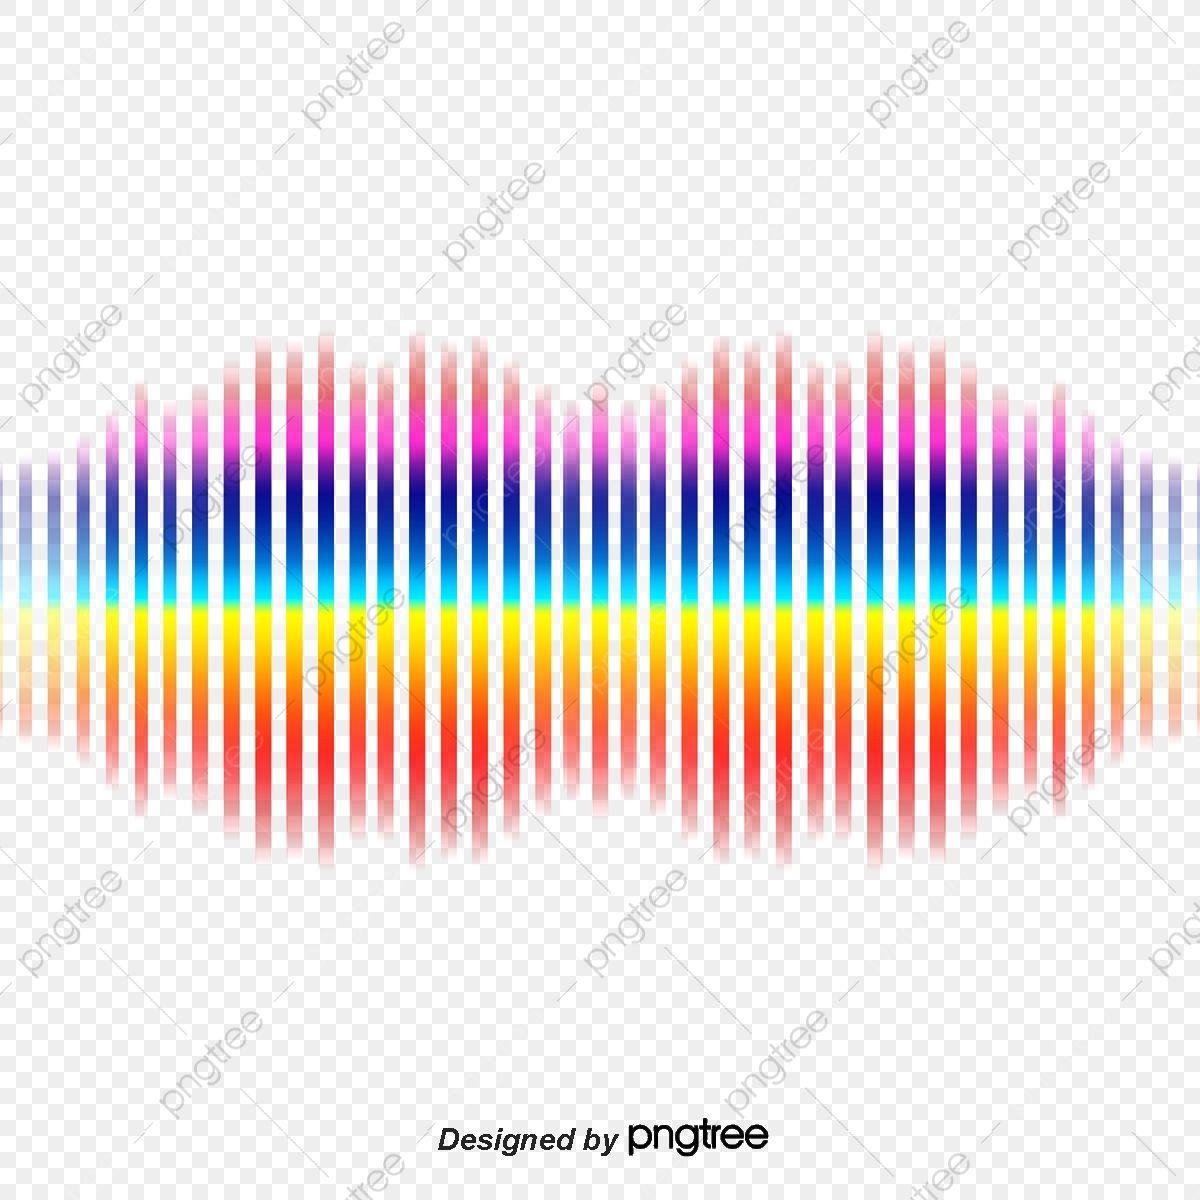 قوس قزح ناقلات منحنى الموجة الصوتية صورة بابوا نيو غينيا زاهى الألوان صوت صوت Png وملف Psd للتحميل مجانا In 2021 Sound Waves Clip Art Light Background Design